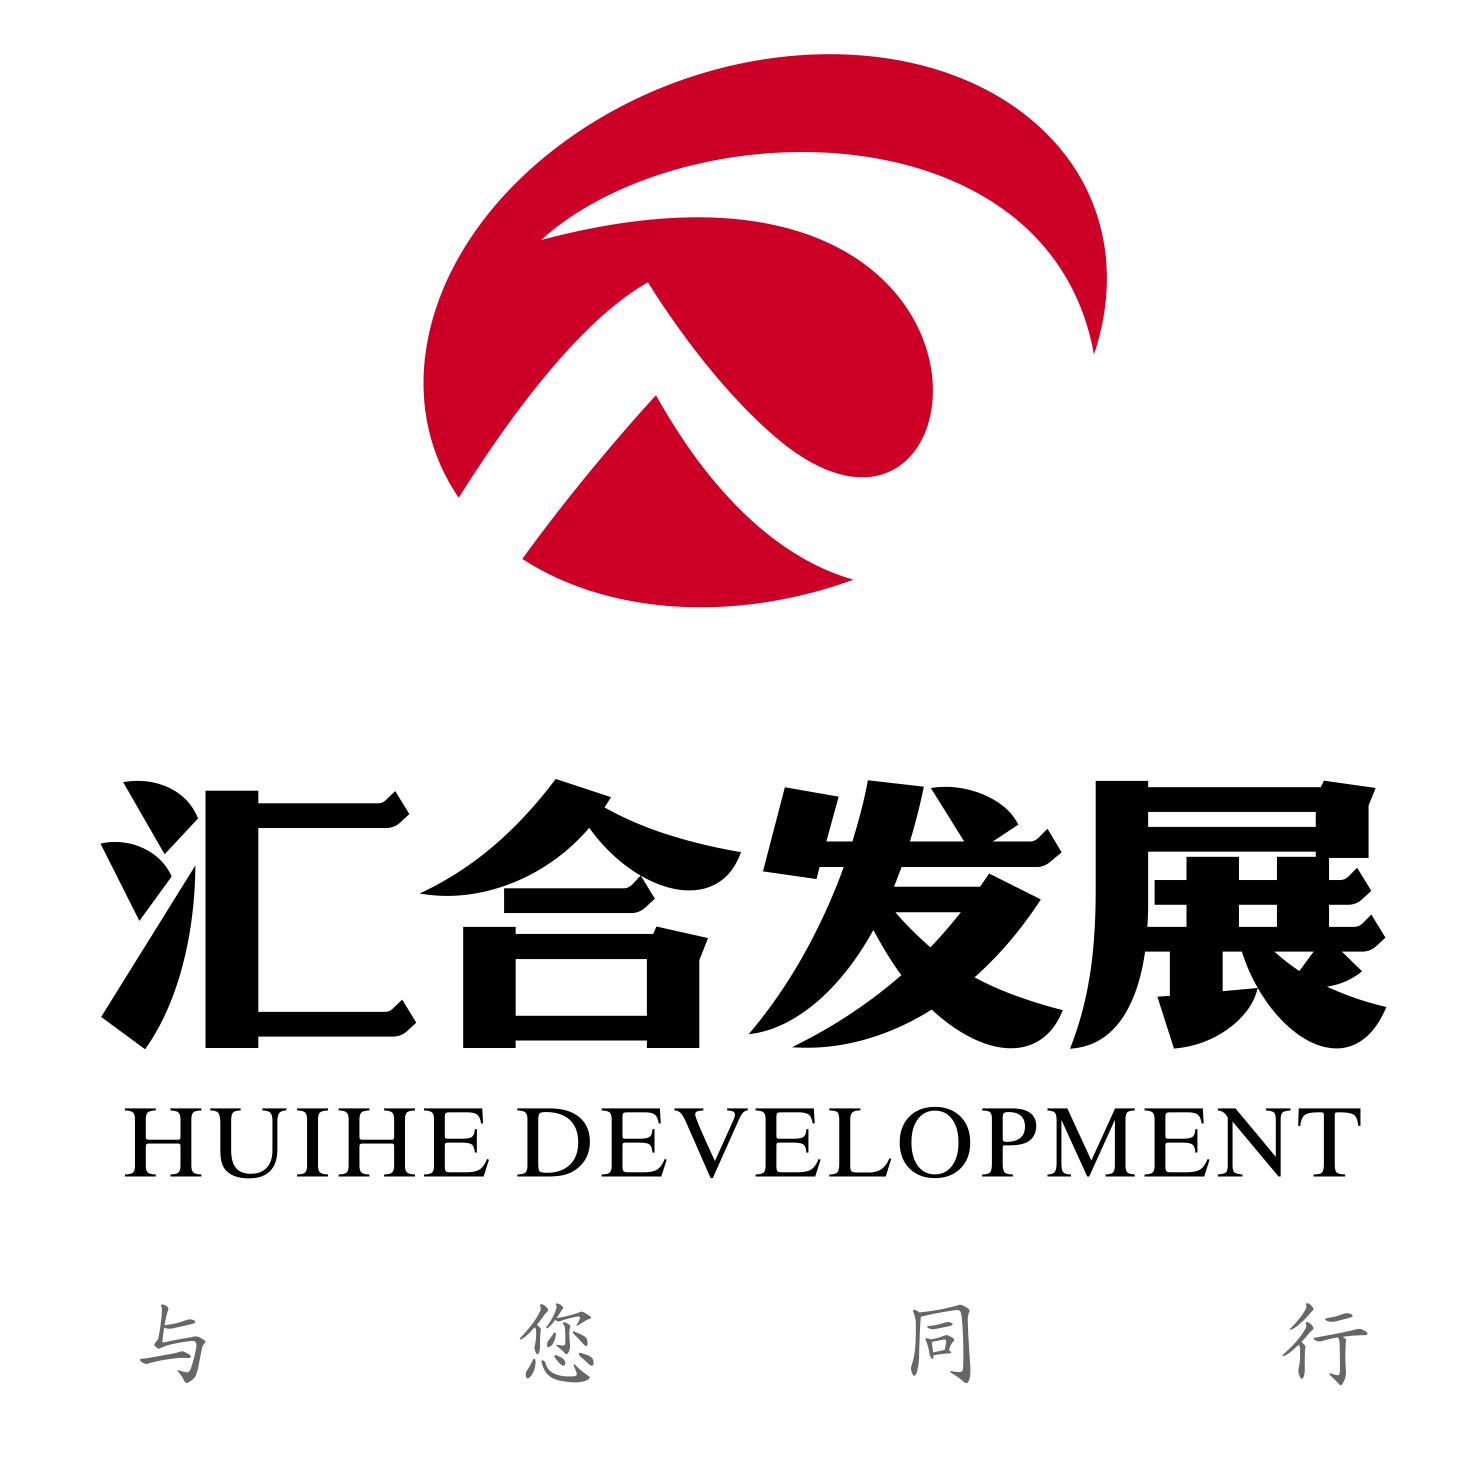 深圳市汇合发展有限公司海口分公司